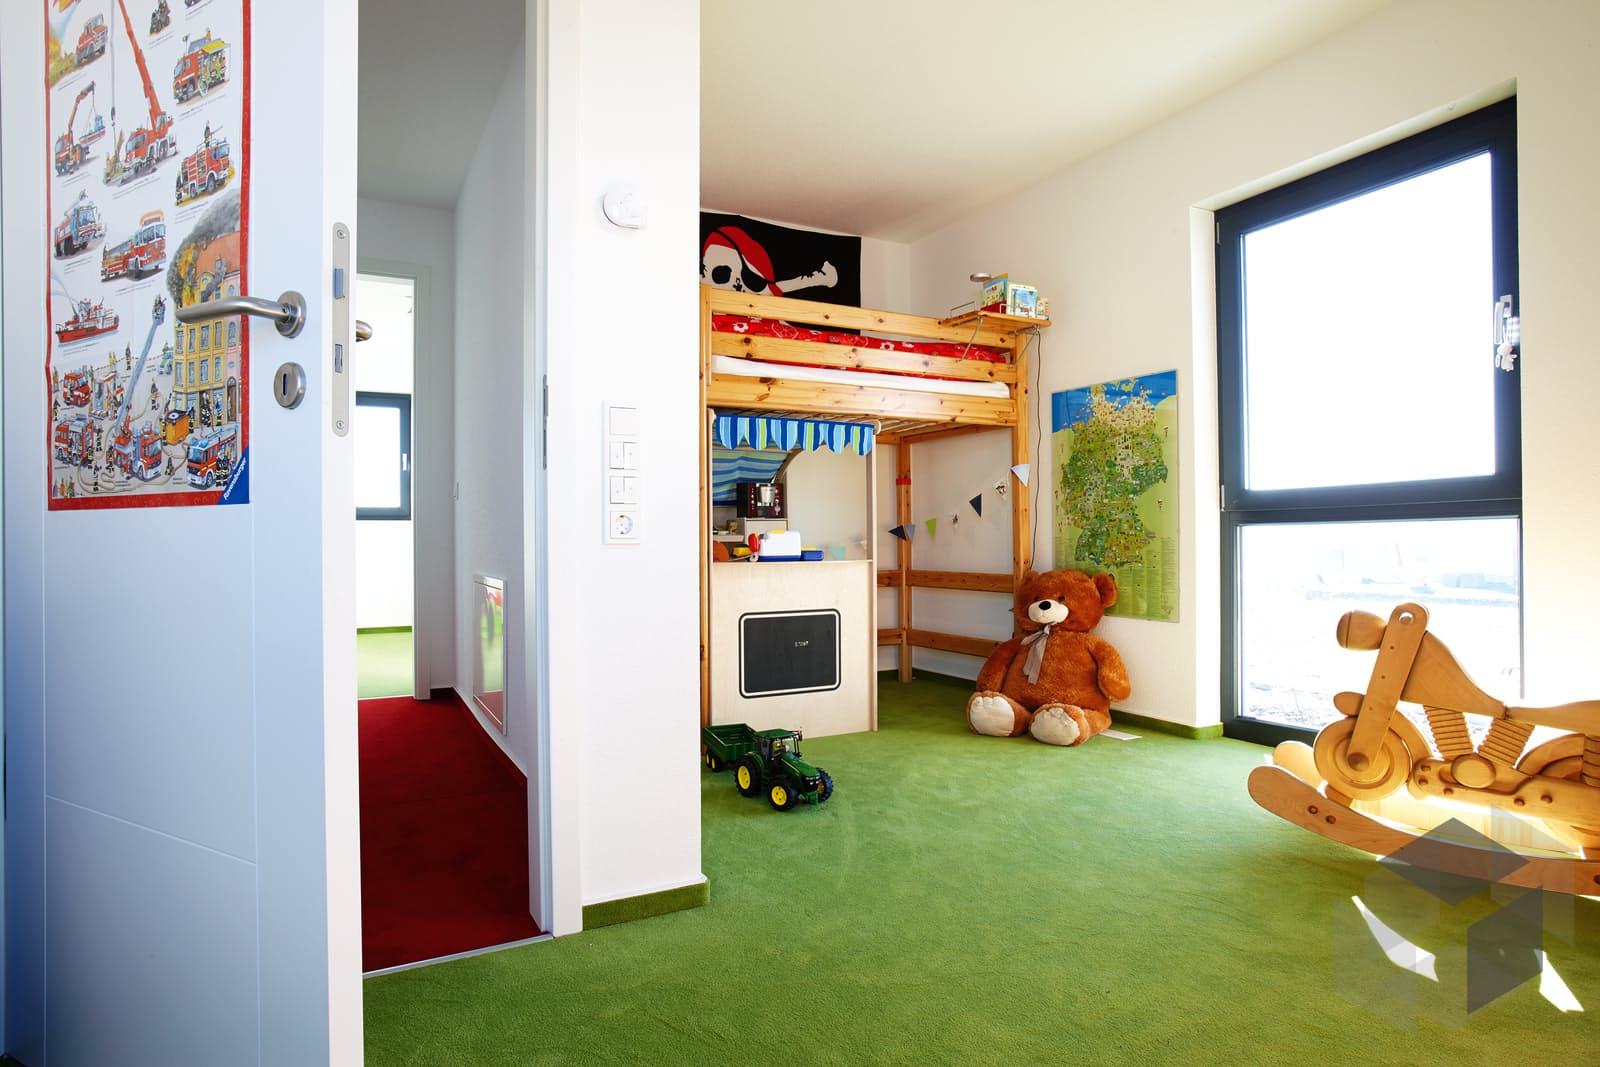 At das einfamilienhaus mit flachdach von fingerhaus for Einfamilienhaus mit flachdach